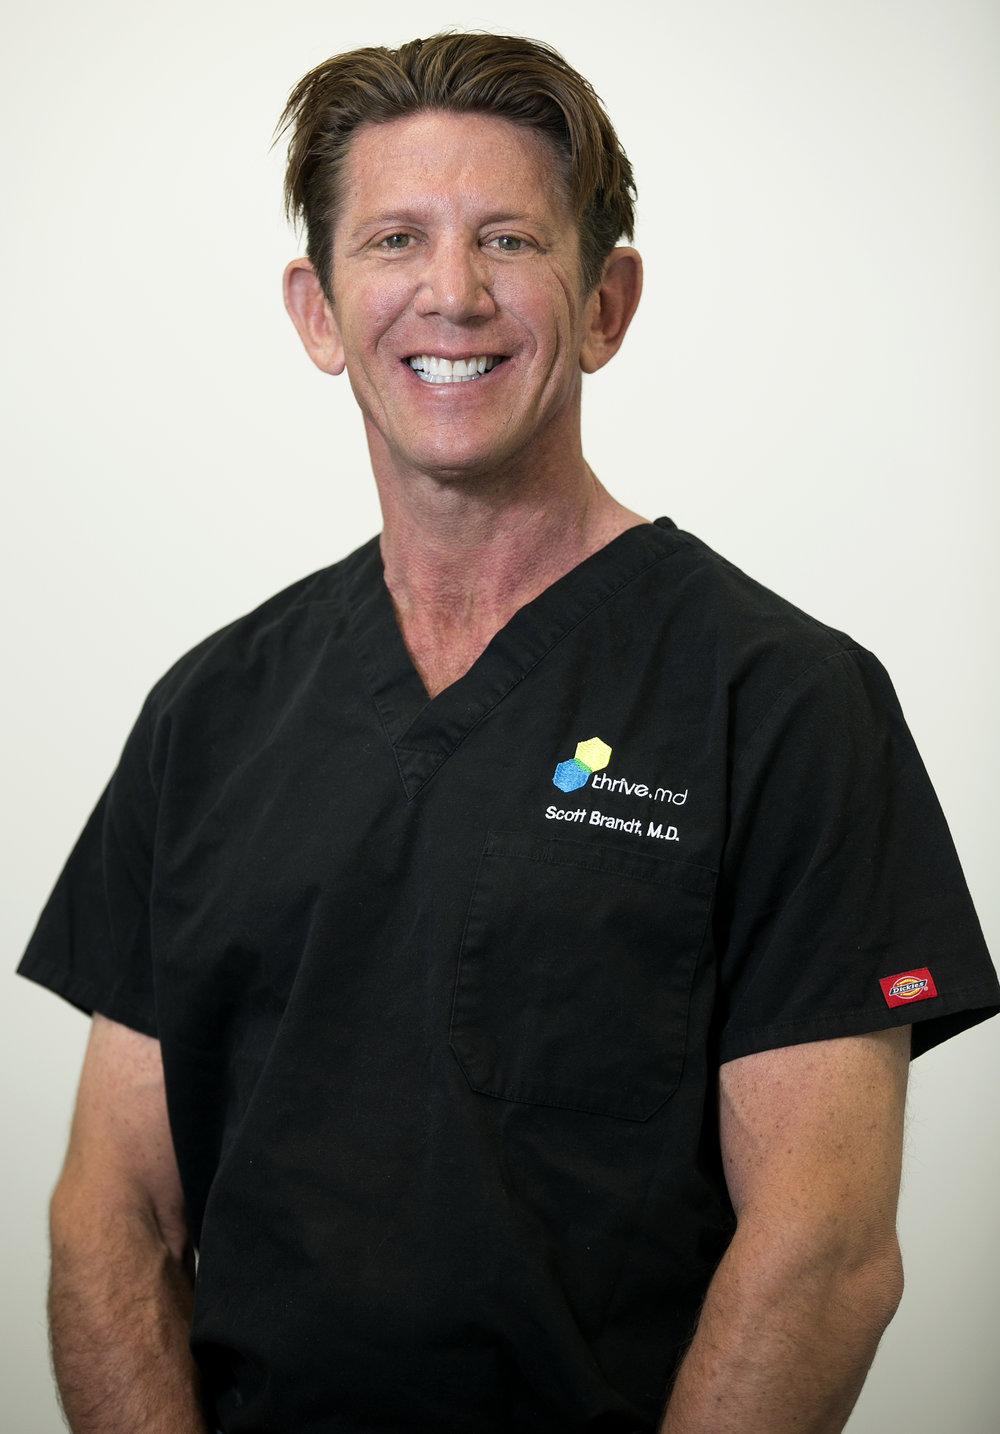 Dr. Scott Brandt, MD